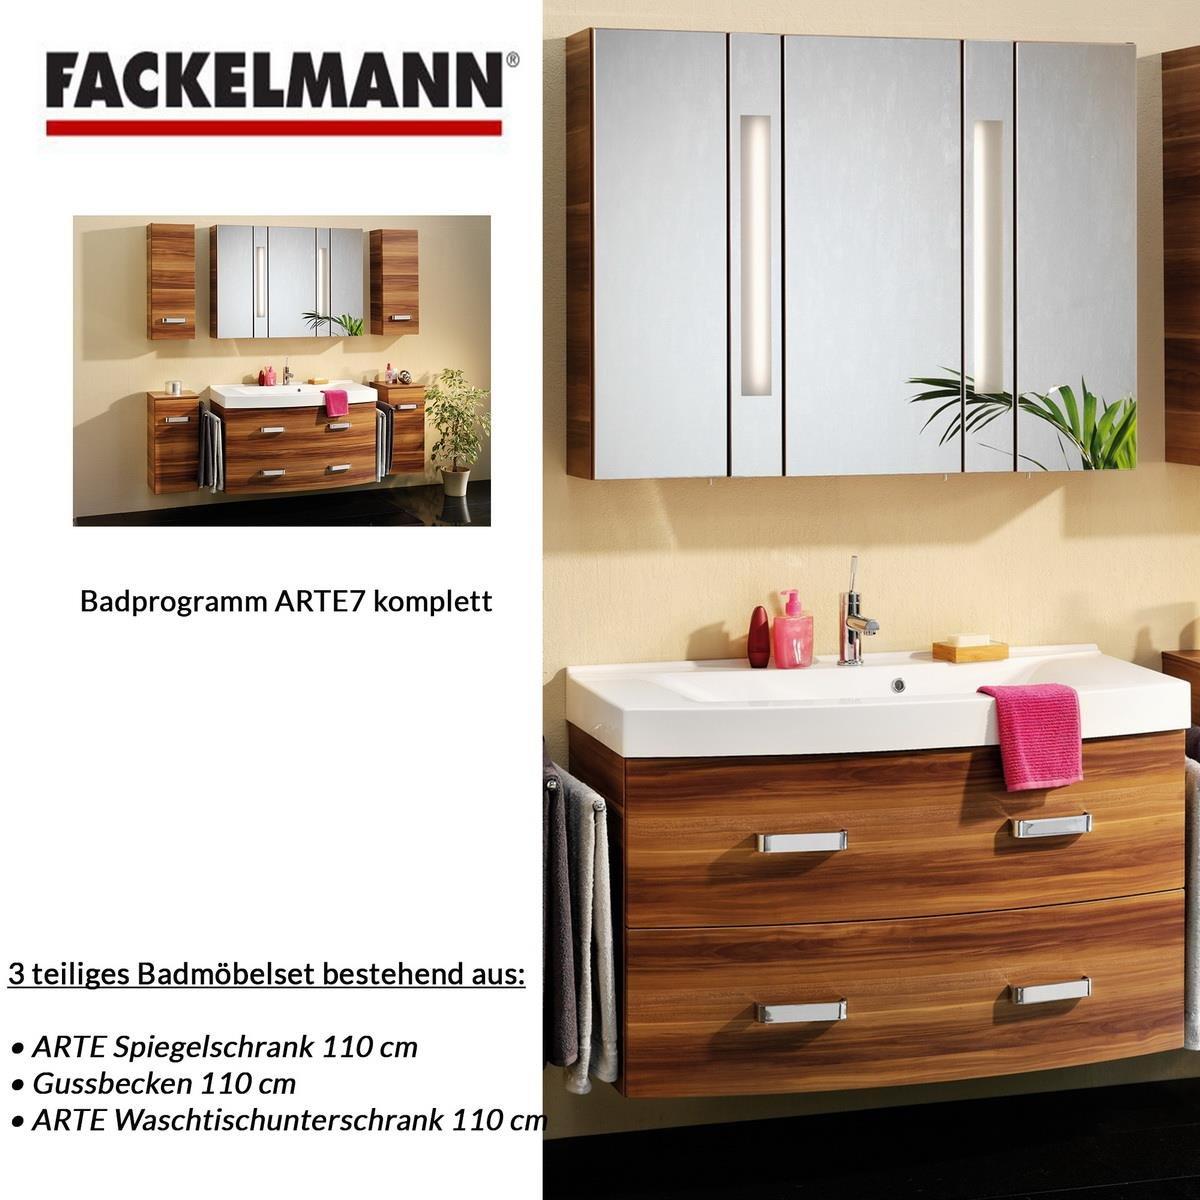 Amazon.de: Fackelmann Badmöbel ARTE 7 Waschbeckenunterschrank ...